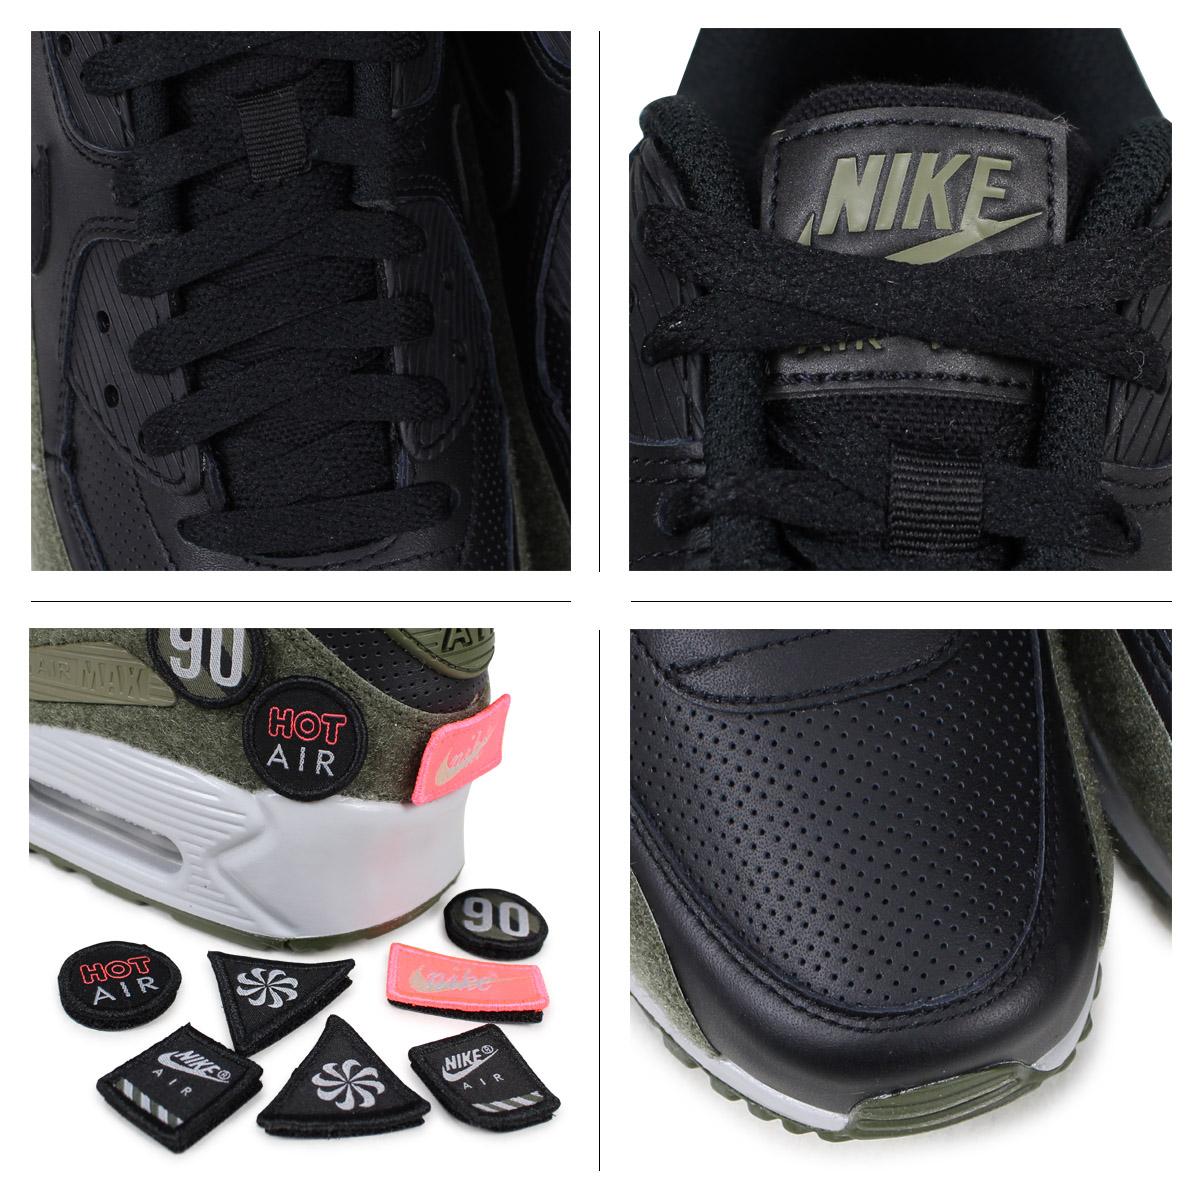 3cadf14e0c ... NIKE AIR MAX 90 HAL HOT AIR PACK Kie Ney AMAX 90 sneakers men AH9974-